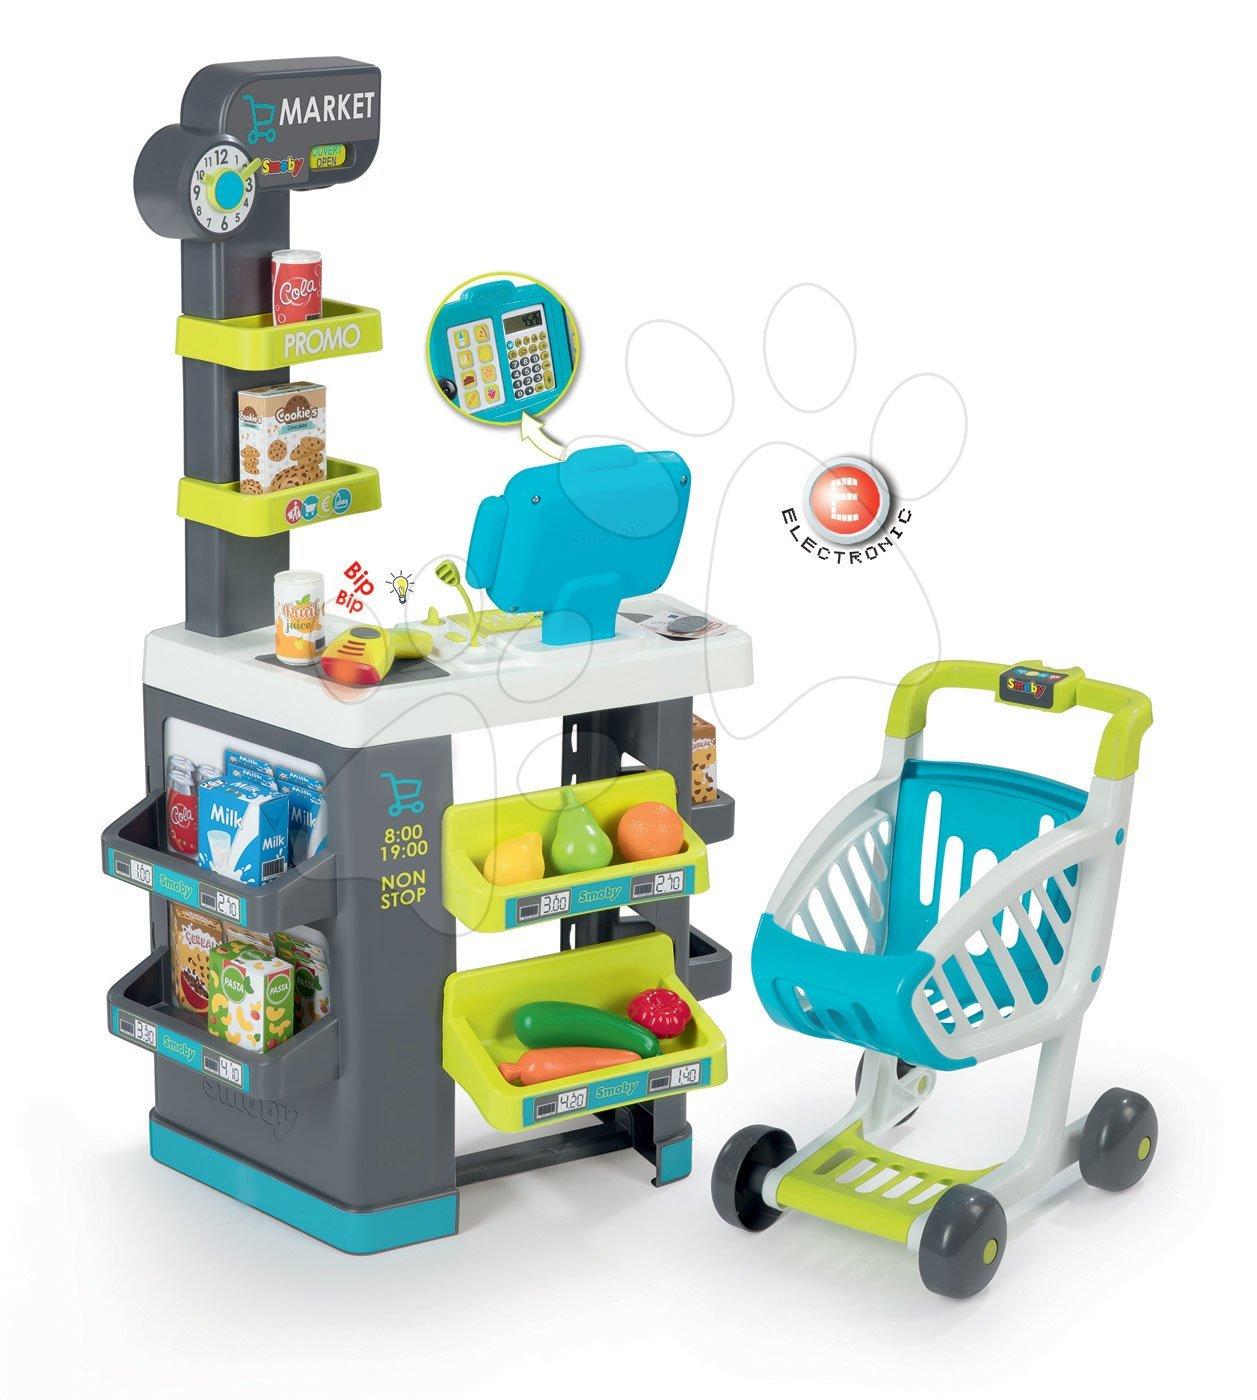 Obchod s potravinami Market Smoby tyrkysový s elektronickou pokladňou, skenerom a 34 doplnkov